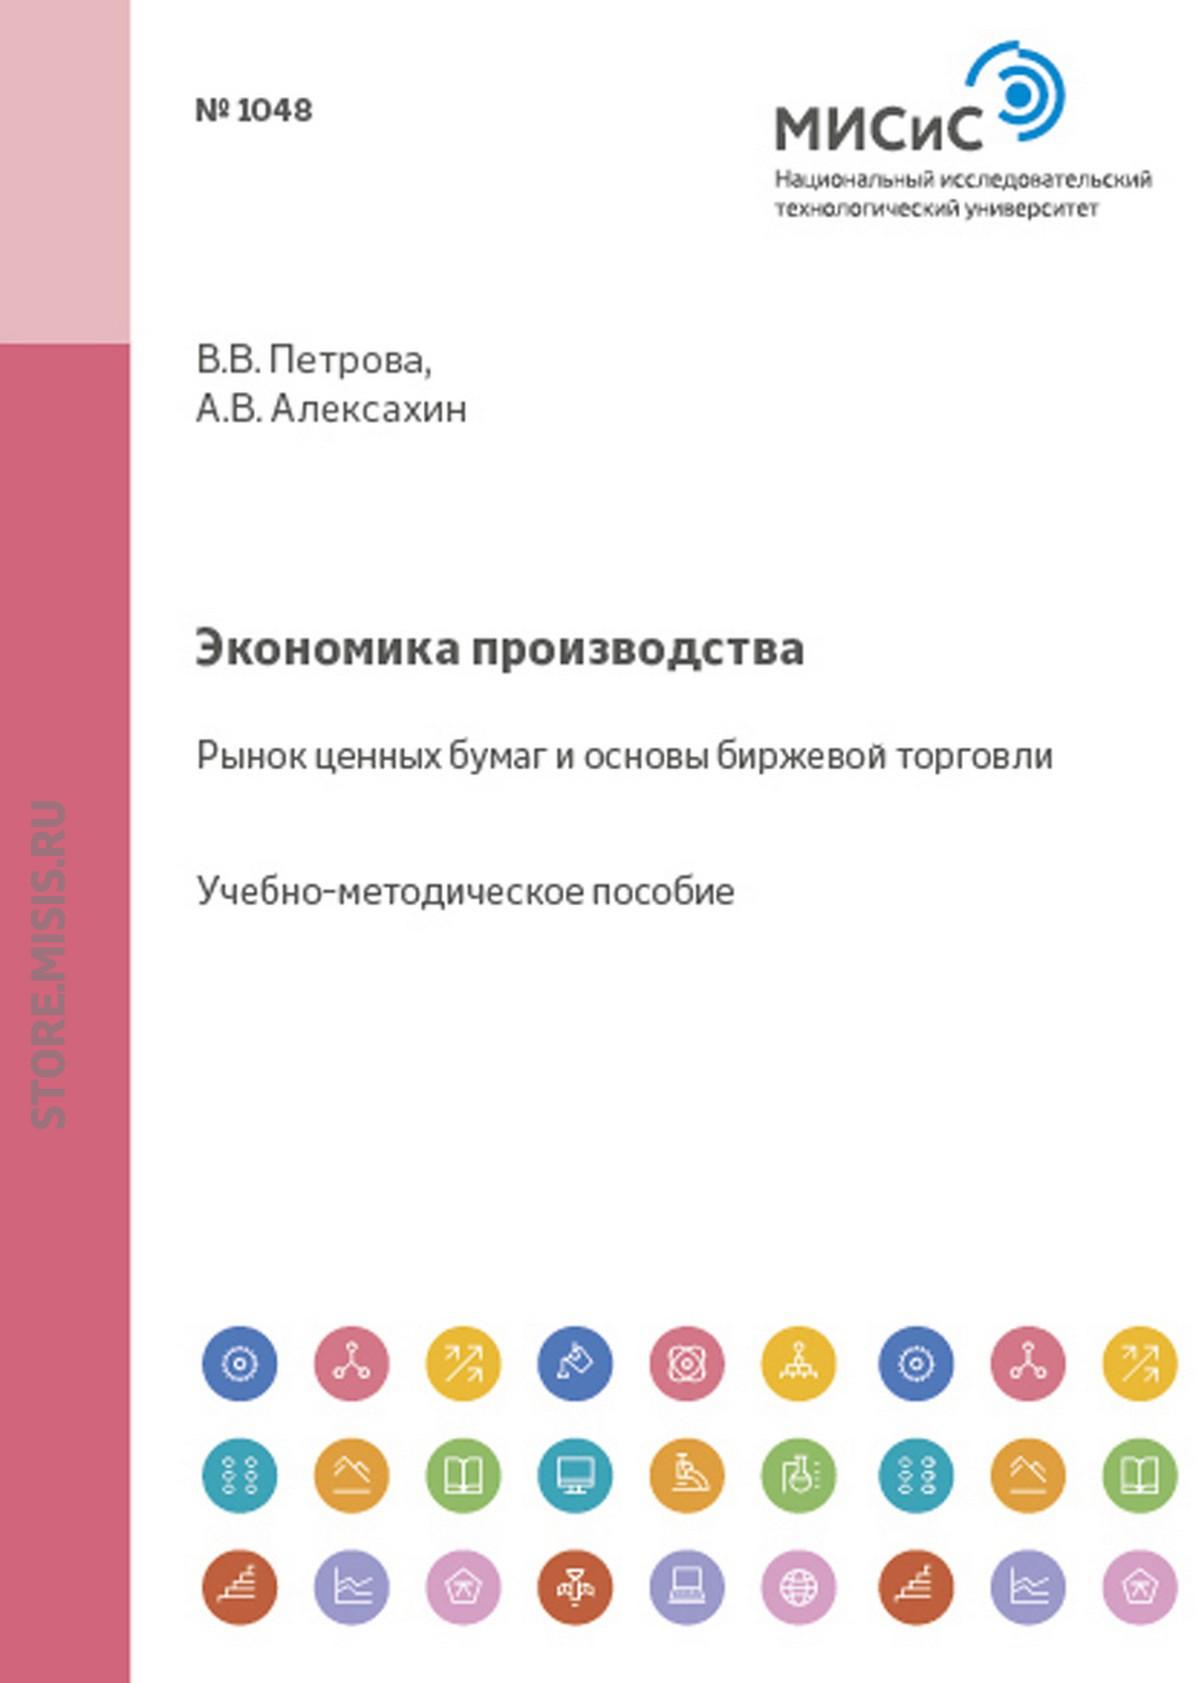 Александр Алексахин Экономика производства. Рынок ценных бумаг и основы биржевой торговли тимур леонидович самков рынок ценных бумаг